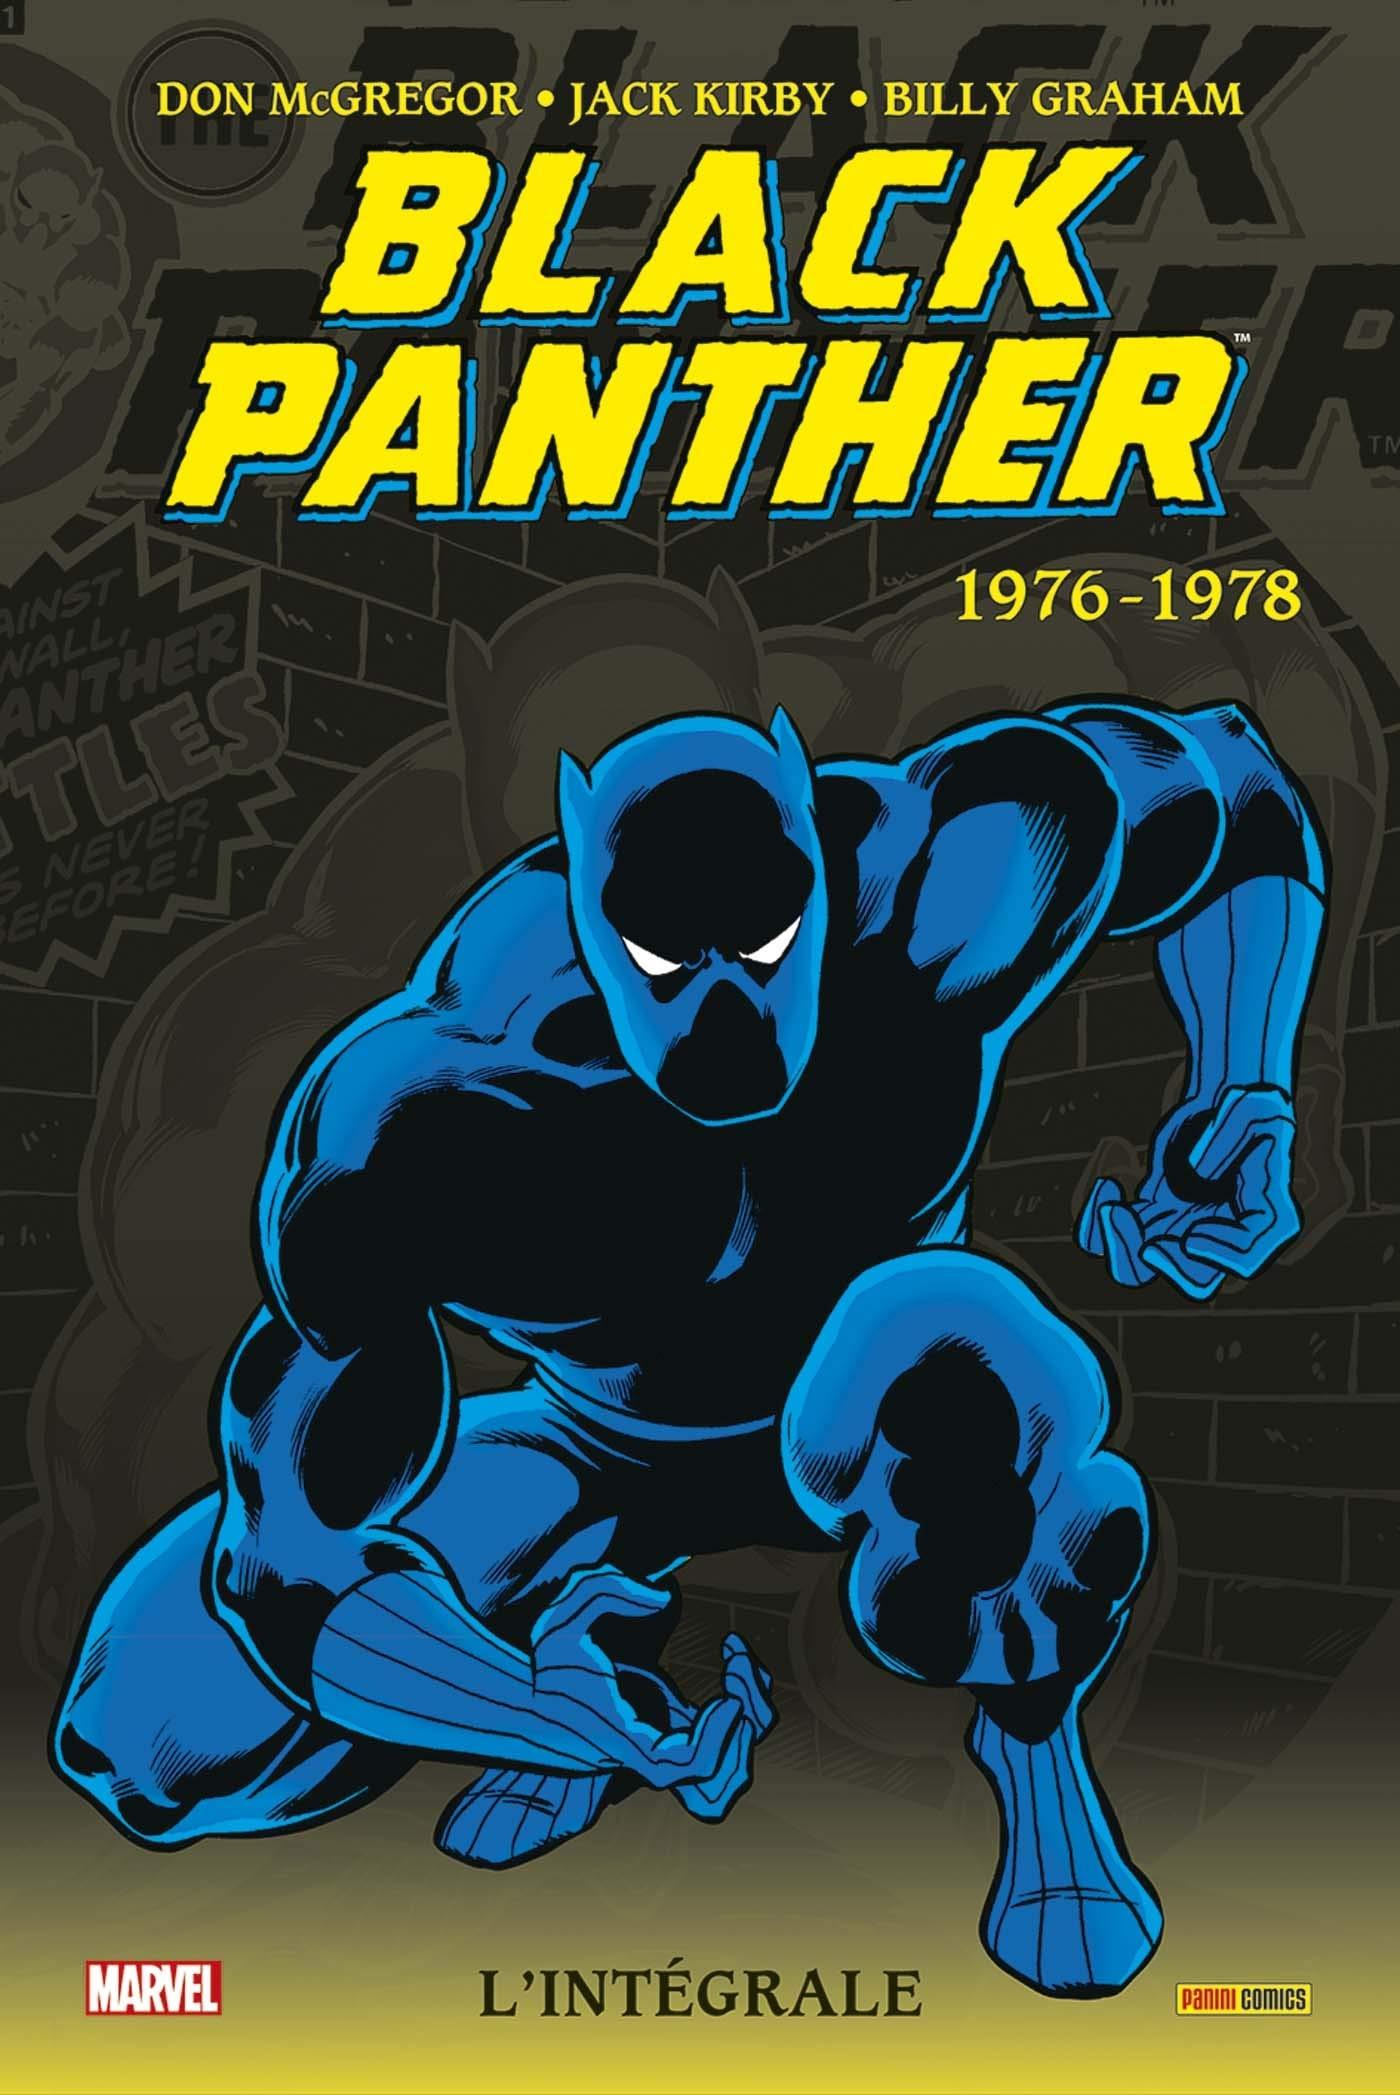 Black Panther 1976